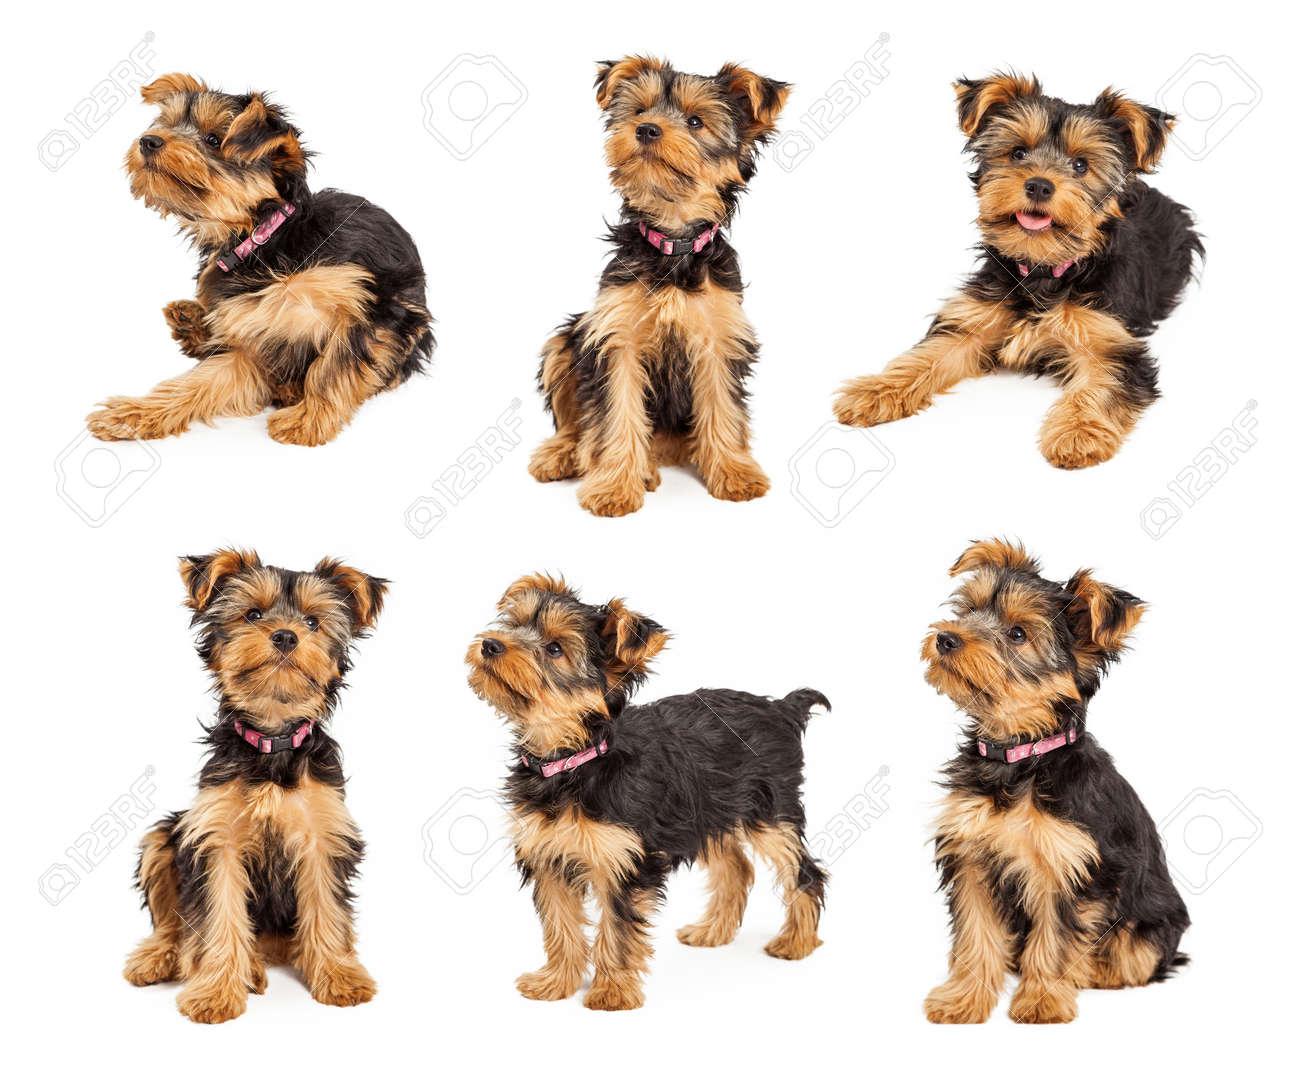 Serie De Imagenes De Una Pequena Taza De Te De Yorkshire Terrier